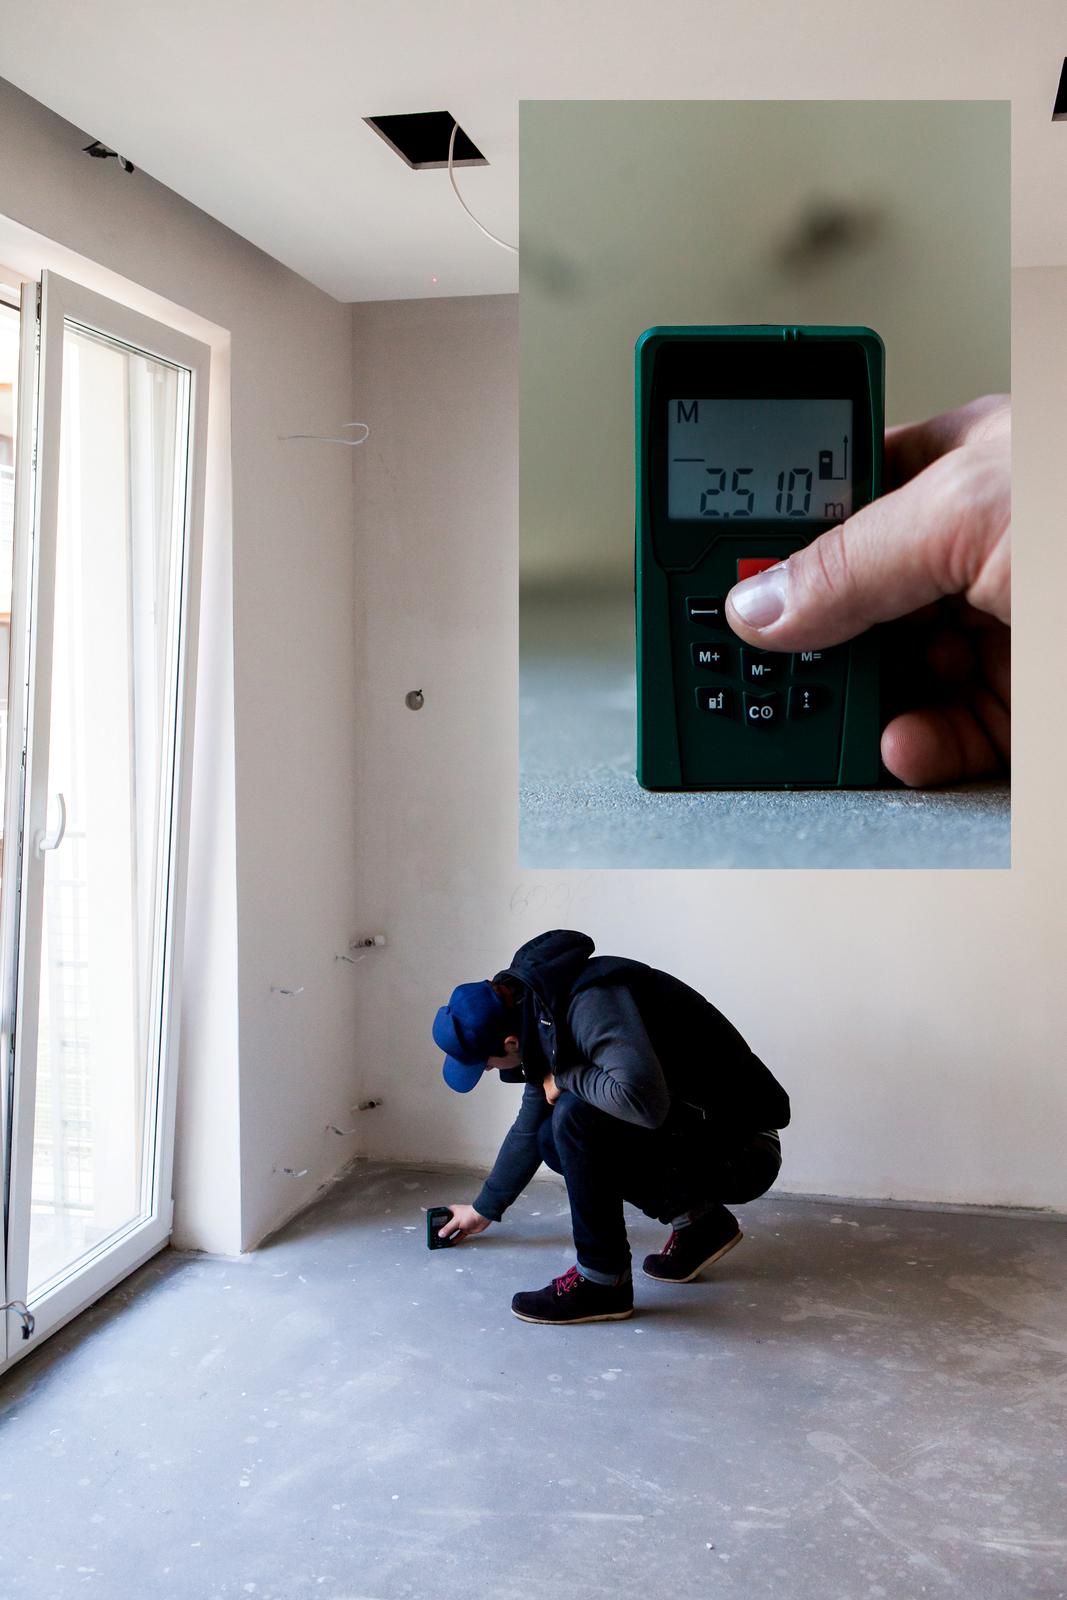 Zdjęcie przedstawiające osobę dokonującą pomiaru pomieszczenia za pomocą dalmierza. Wrogu zdjęcia powiększenie wyświetlacza przyrządu.